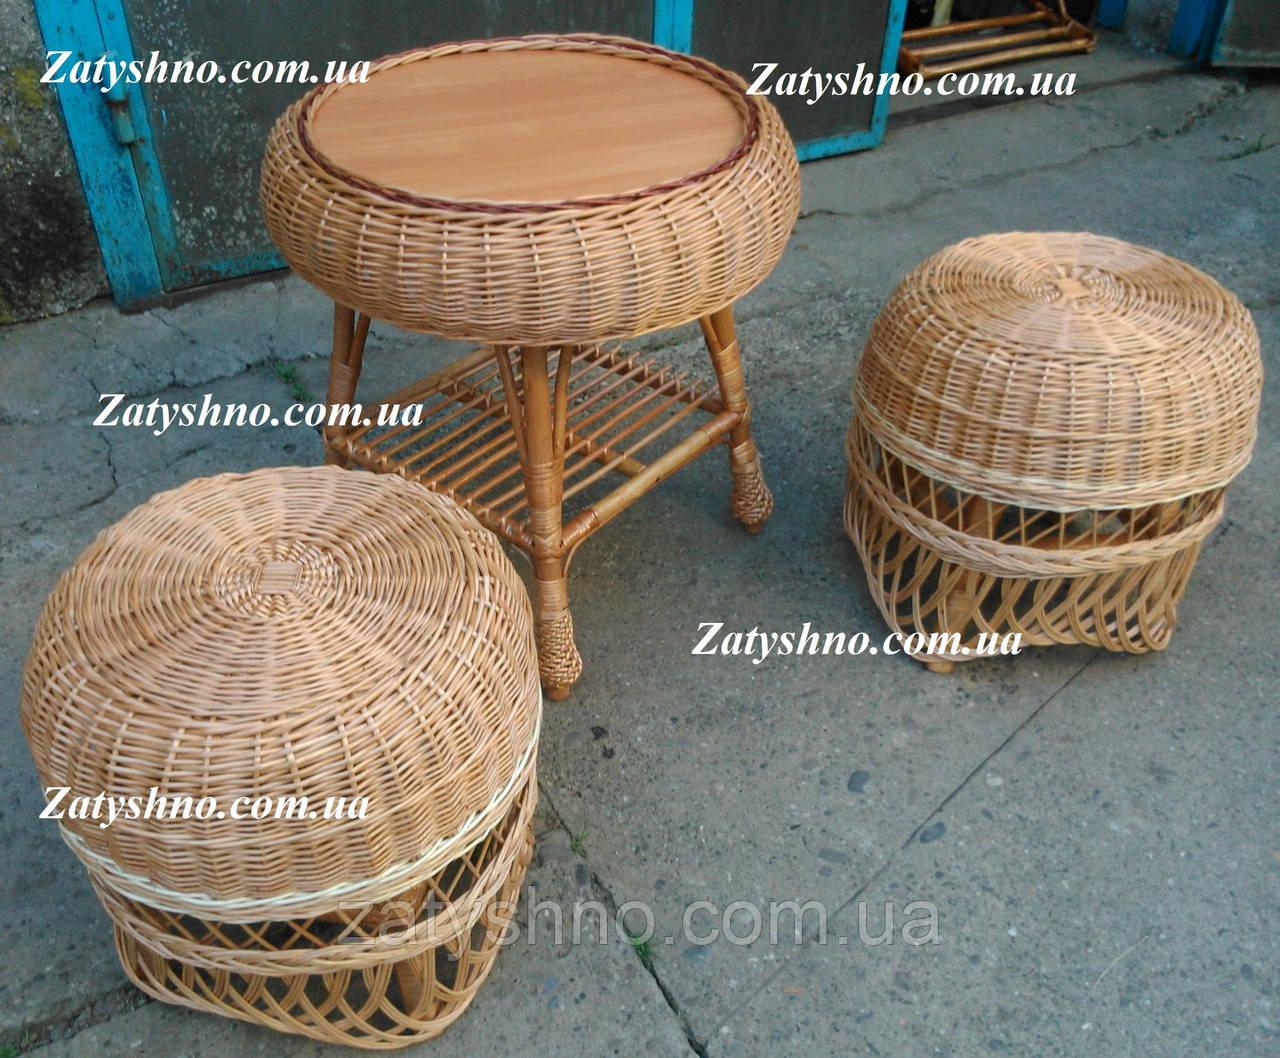 Плетеный комплект мебели из лозы для дачи